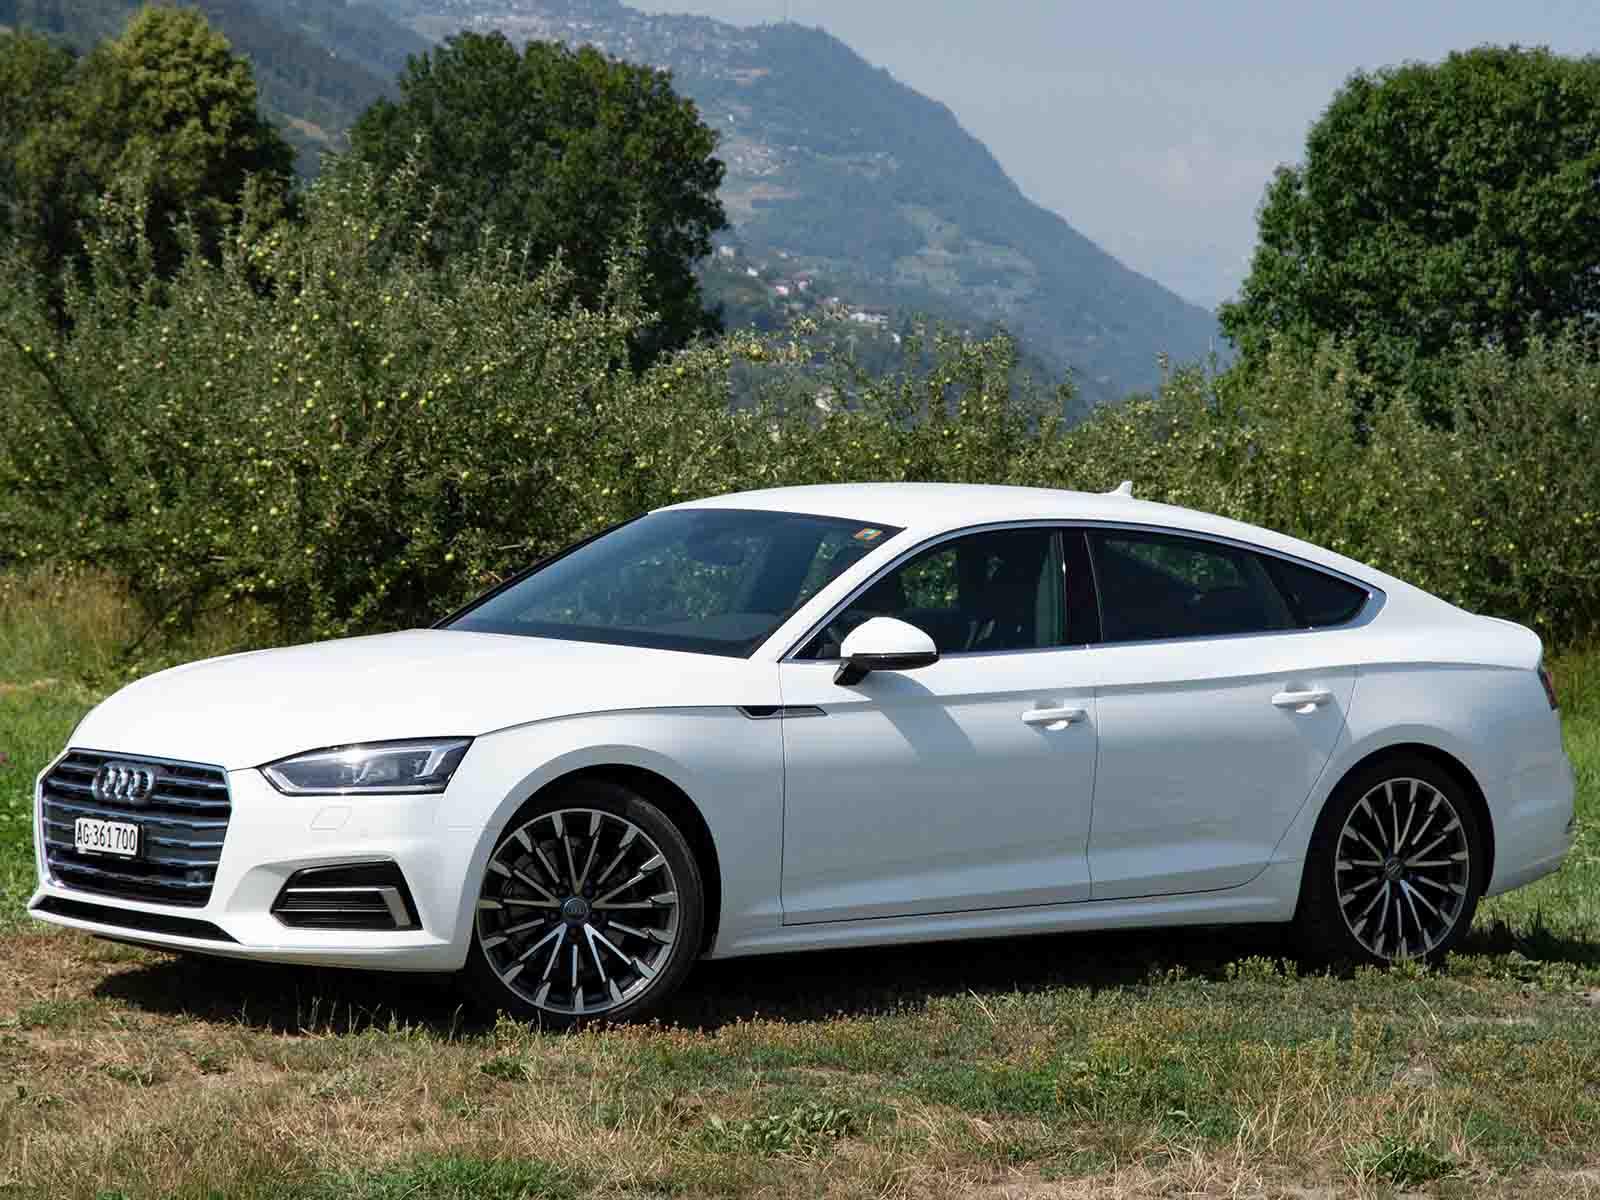 Der A5 Sportback bietet Luxus auf den zweiten Blick.